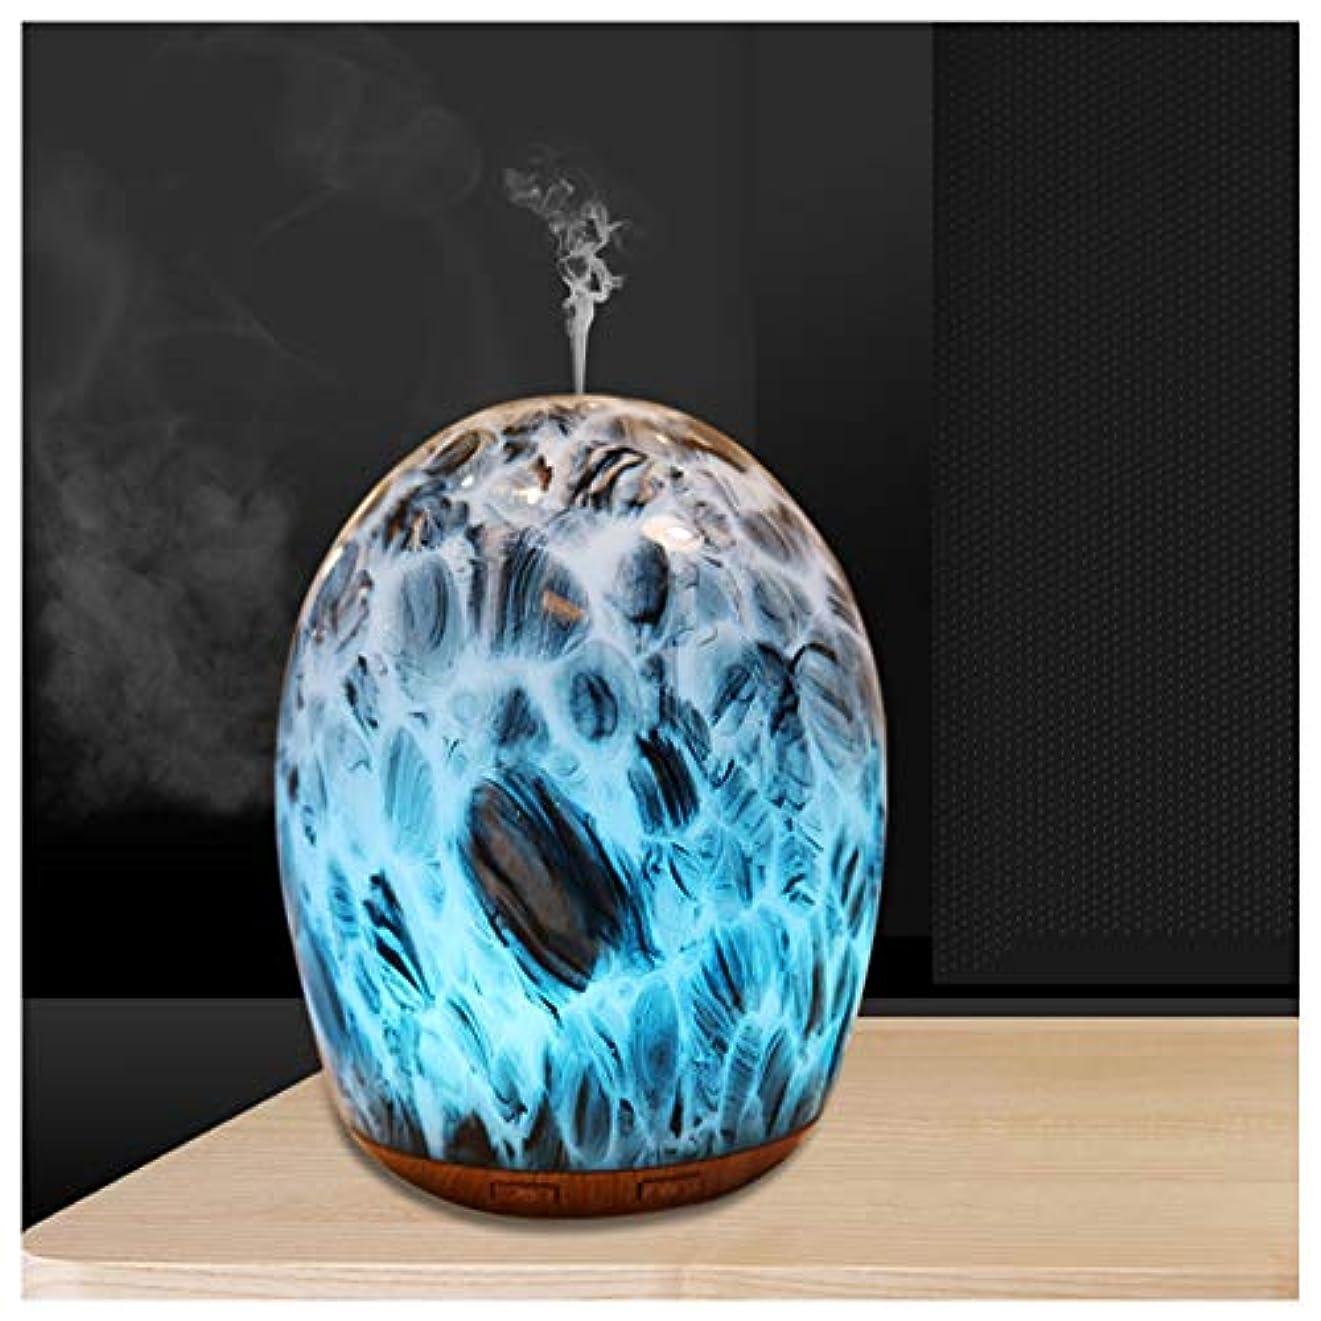 時折りんごスポンジエッセンシャルオイルディフューザー超音波加湿器ポータブルアロマディフューザー、100ミリリットルガラス加湿器、水なし自動閉鎖、7色フレグランスランプ、ホームオフィス用ヨガスパ